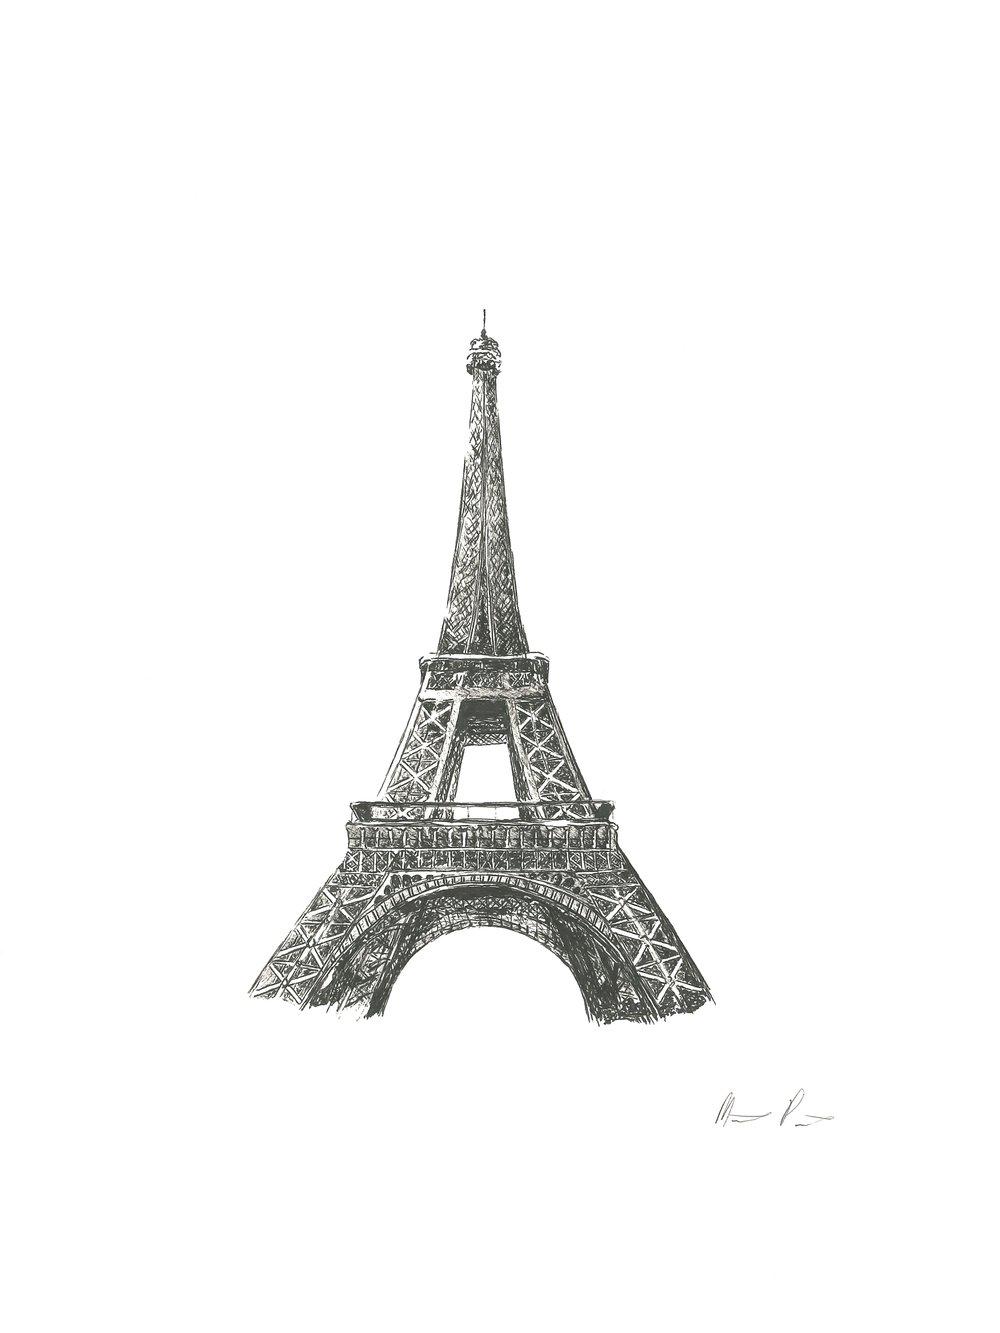 Eiffel Tower - 9'' x 12''$100